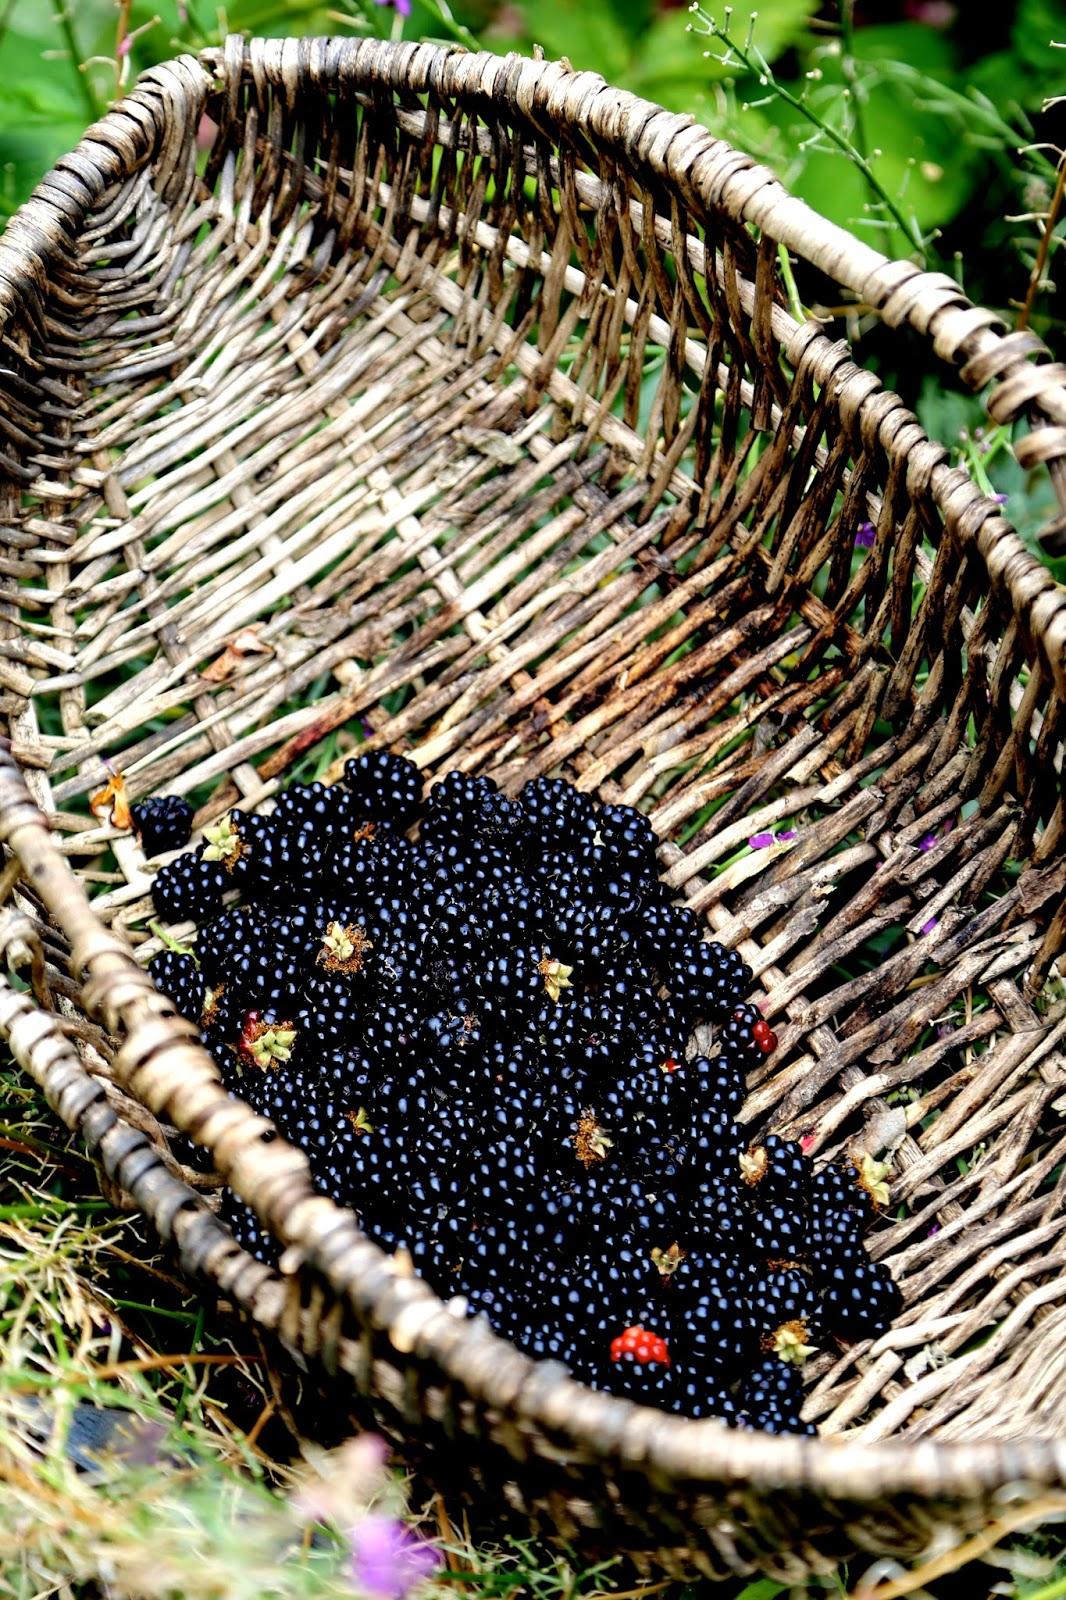 blackberries just picked in a basket